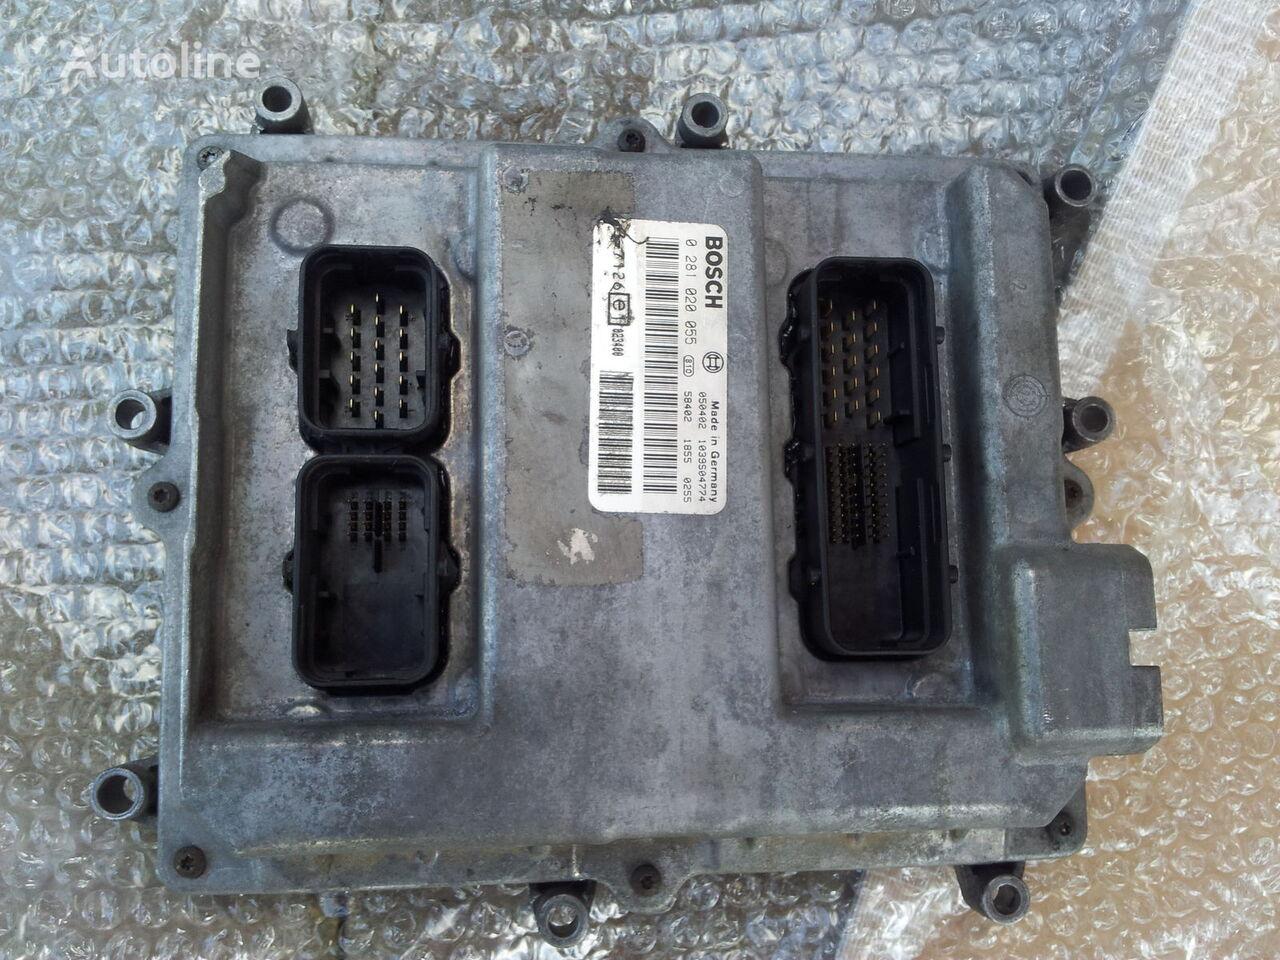 MAN Common Rail EDC, ECU electronic diesel control 0281020055, D2066LF01, 51258037126, 51258337169, 51258037127, 51258337168 besturingseenheid voor MAN TGA trekker